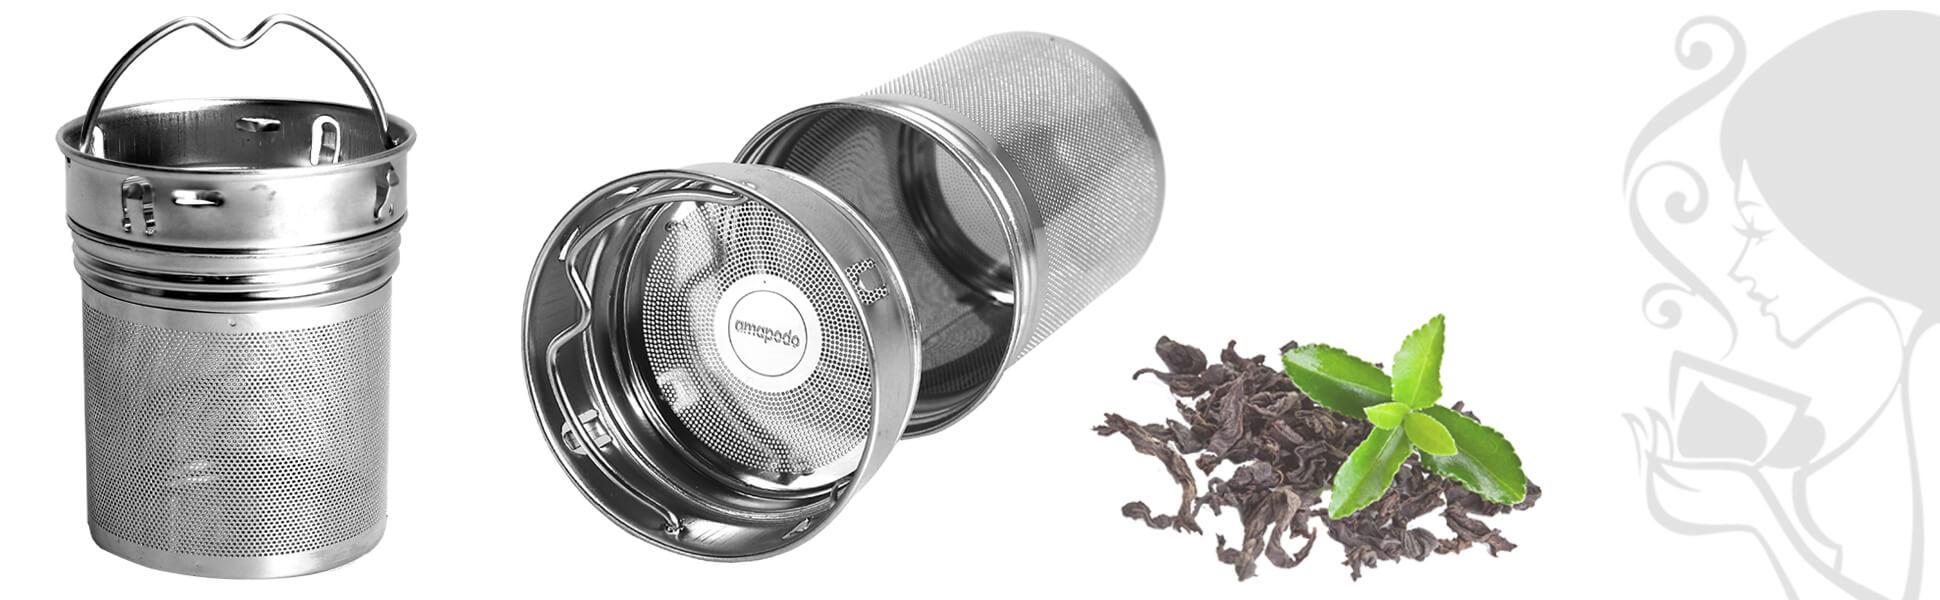 Tea Permanent Filter